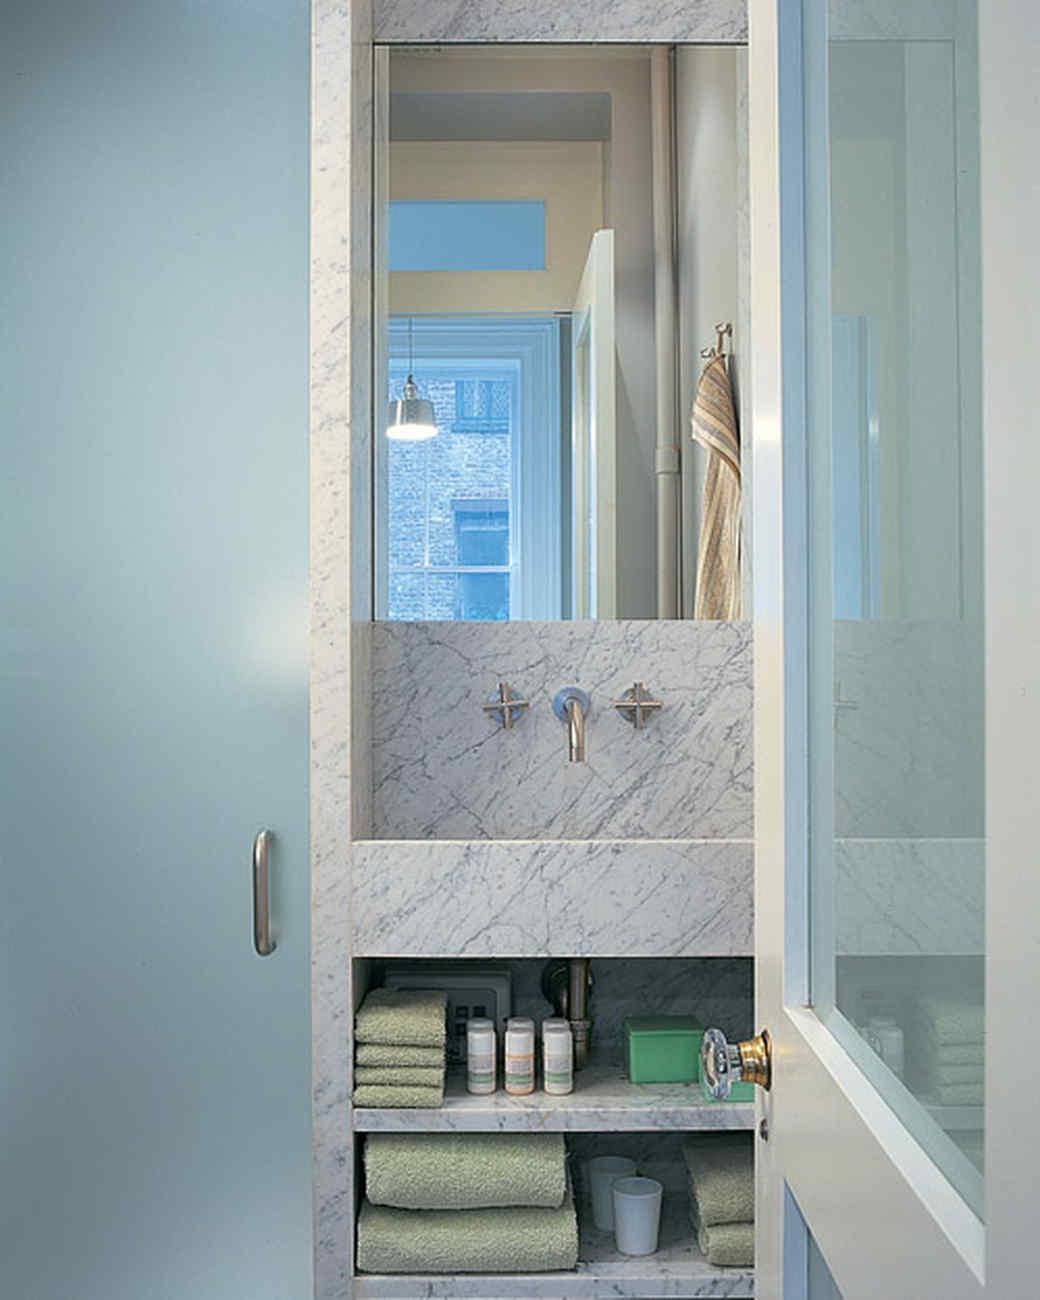 msl_apr03_304s7_bathroom.jpg